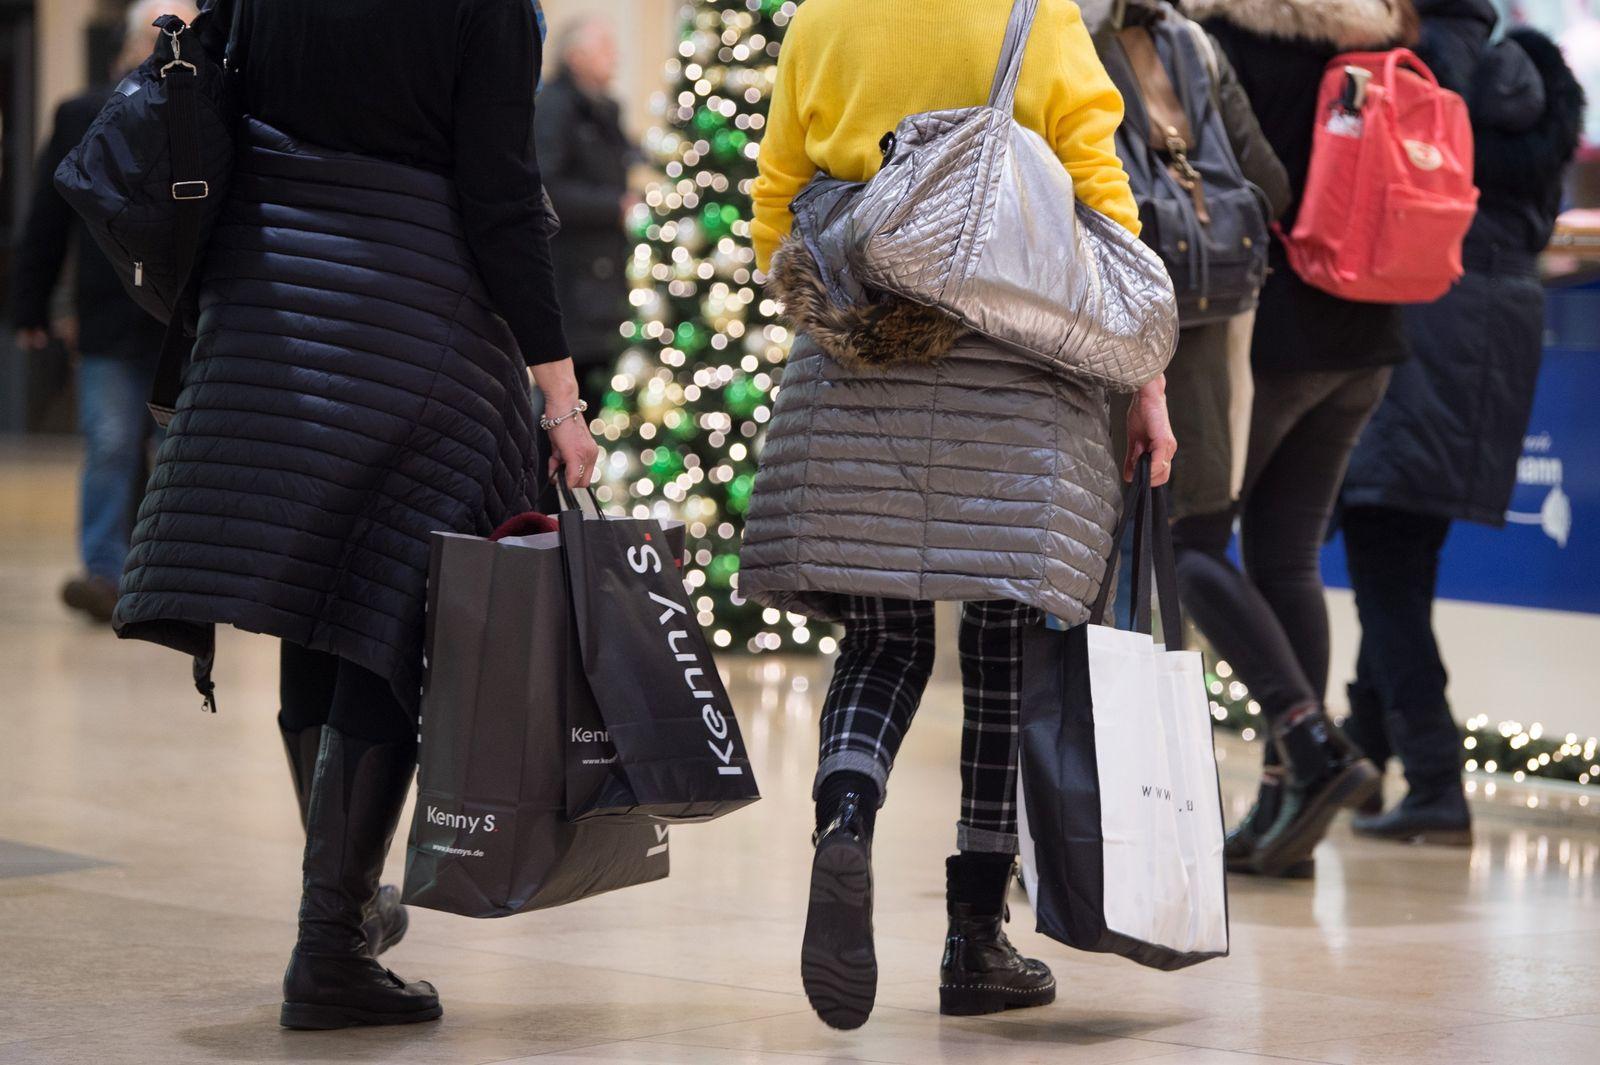 Weihnachtsgeschäft / Einkaufszentrum